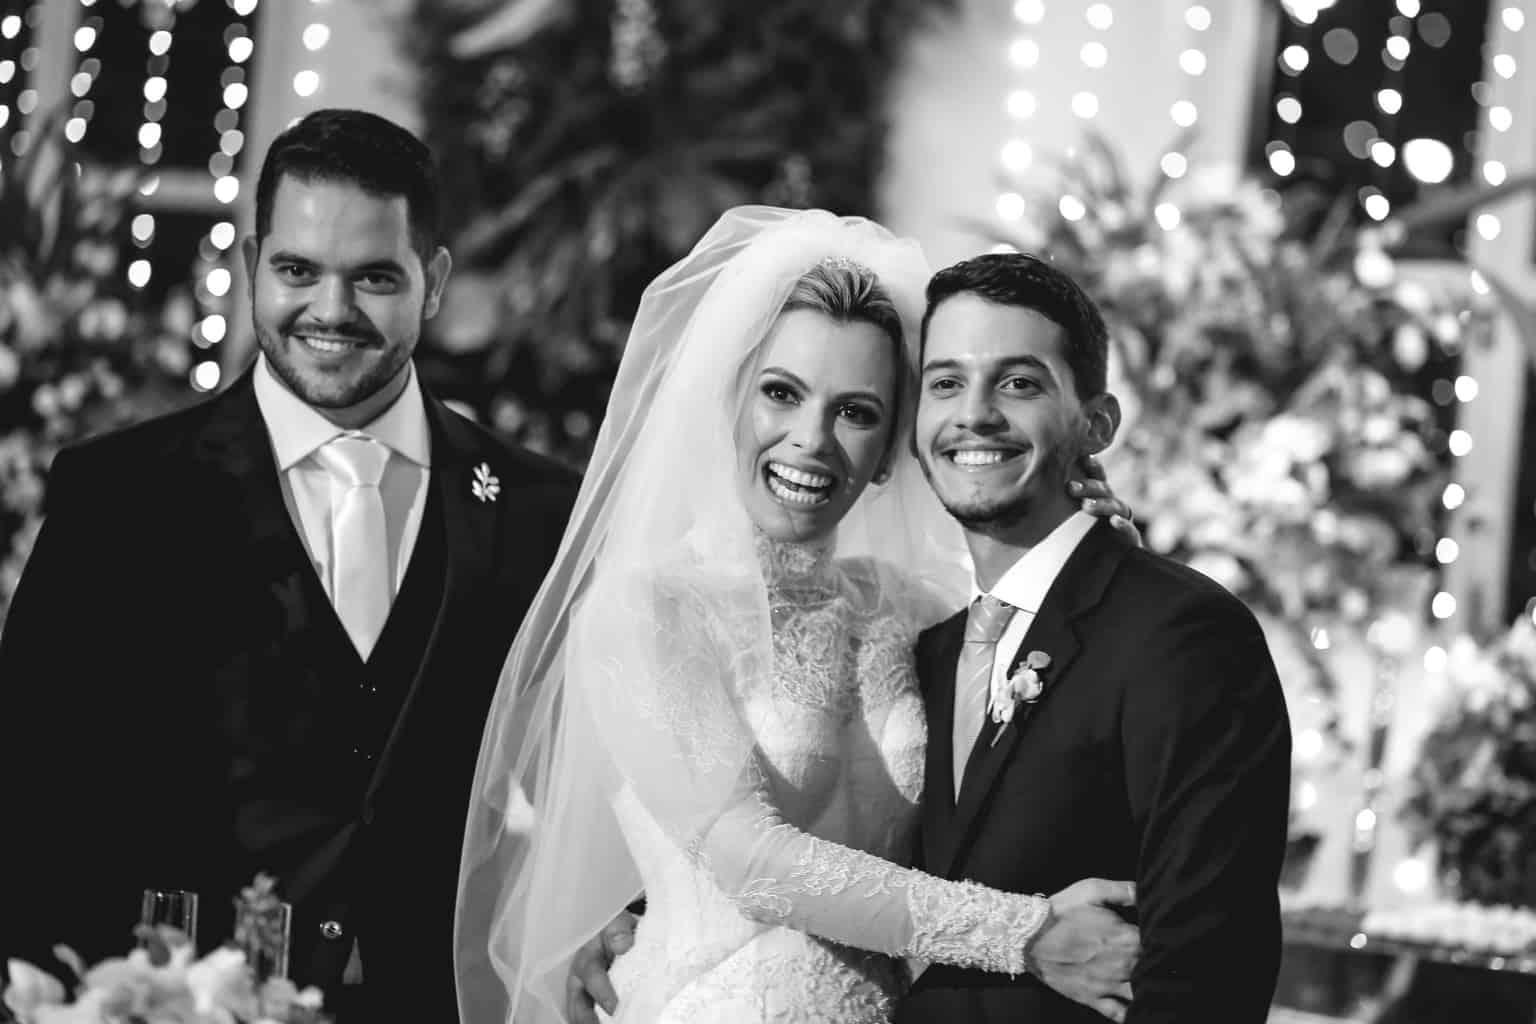 casamento-Juliana-e-Eduardo-Fotografia-Ricardo-Nascimento-e-Thereza-magno-Usina-dois-irmãos72